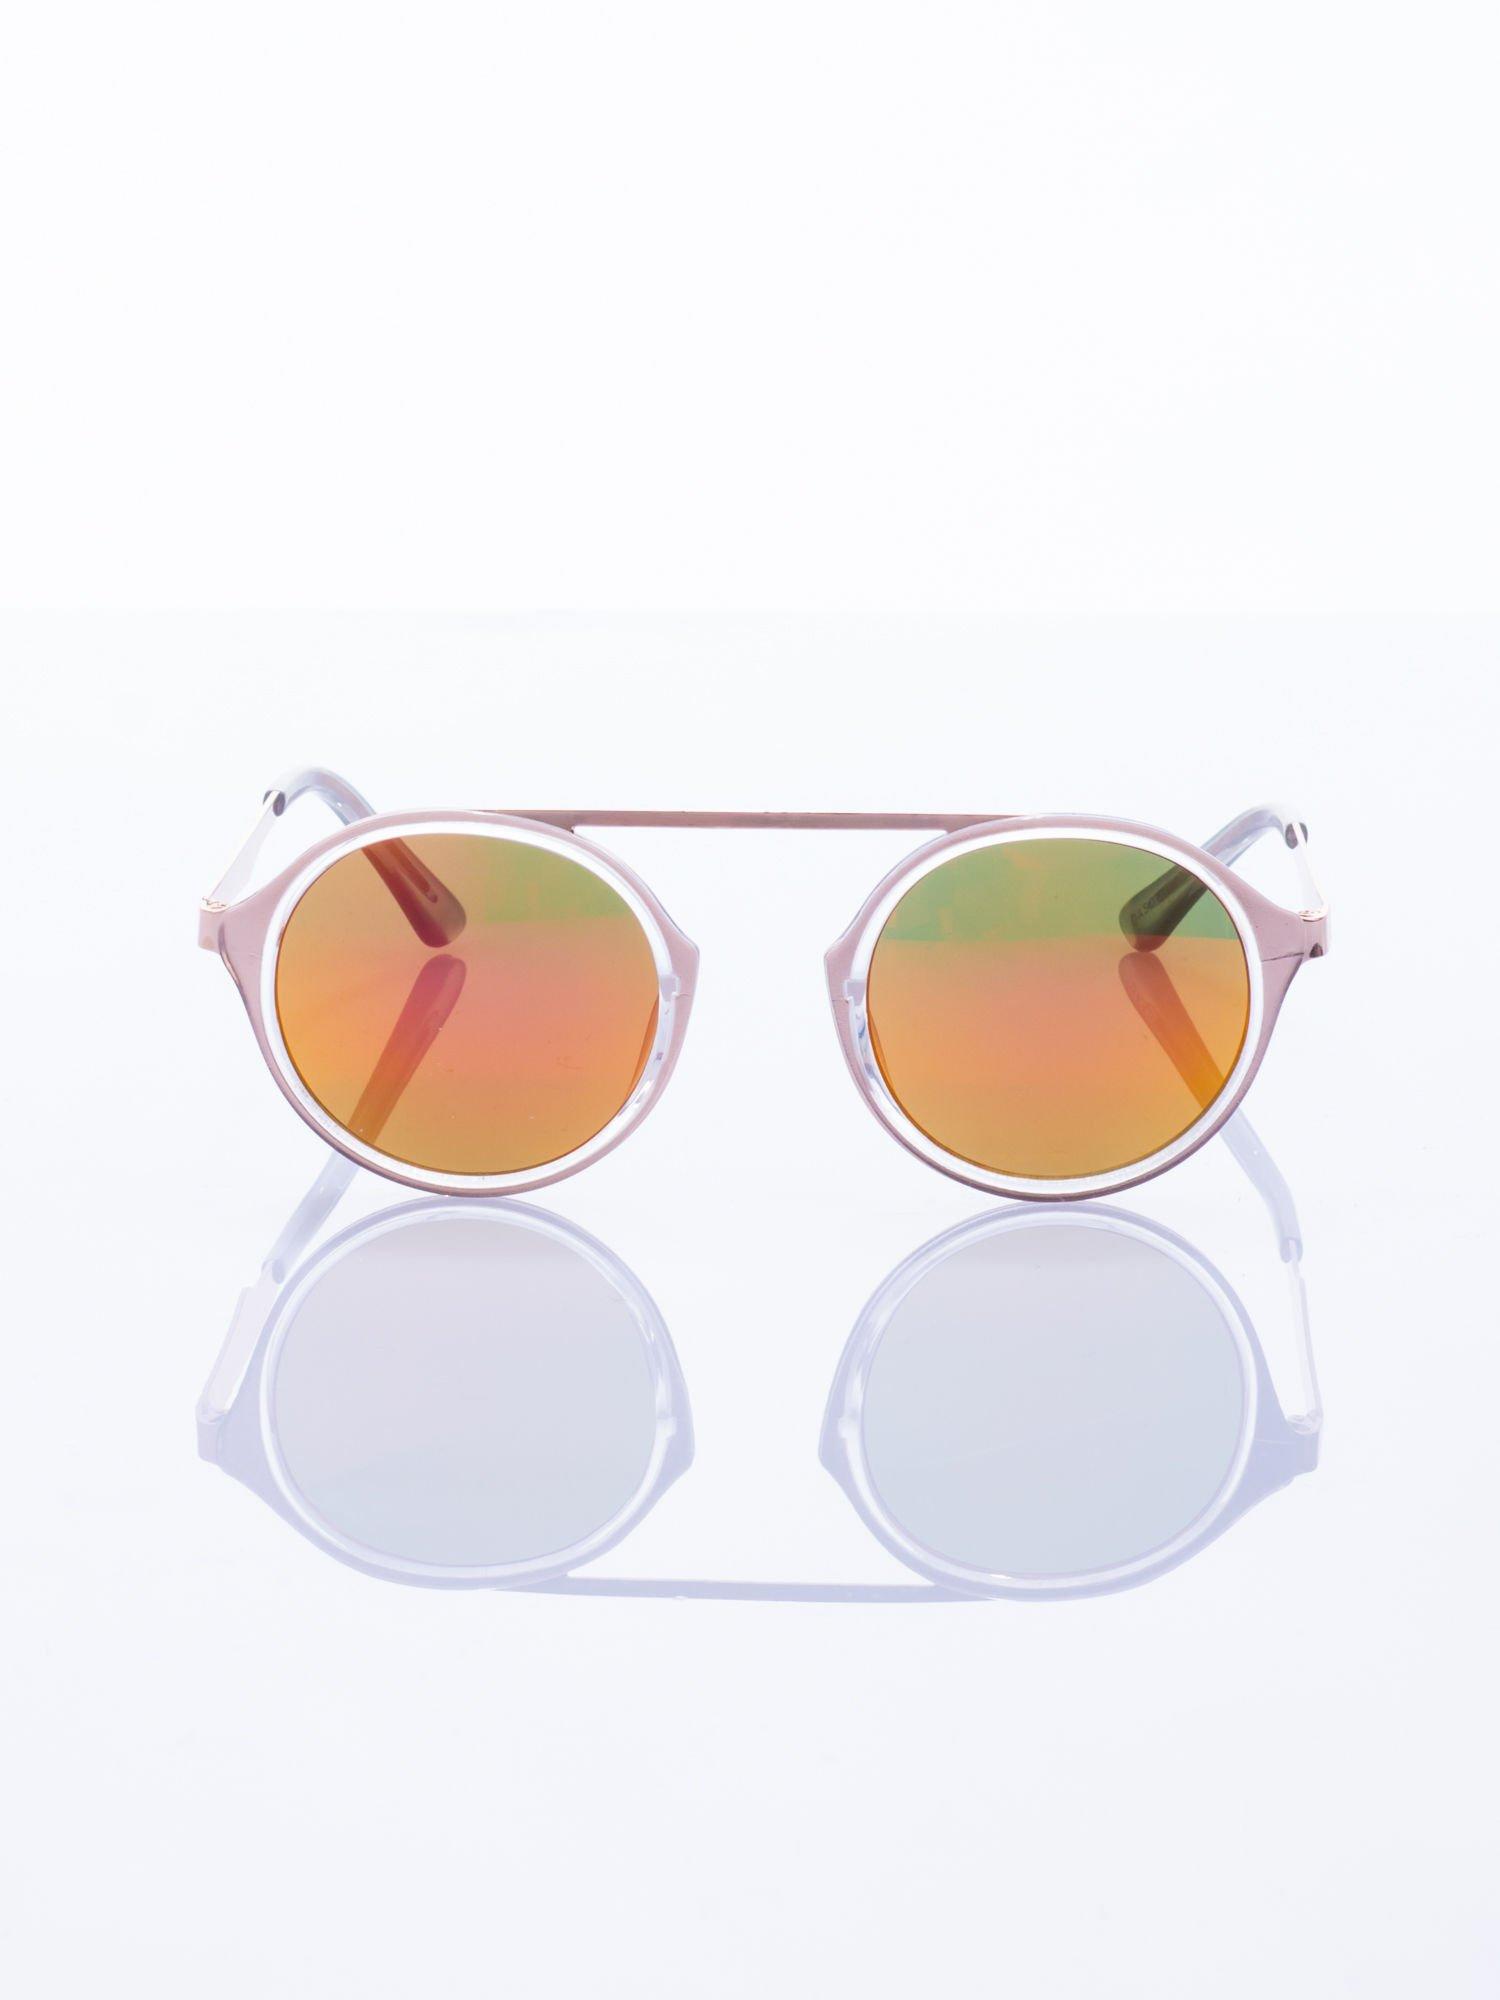 Złote okulary przeciwsłoneczne w stylu vintage retro                                  zdj.                                  3